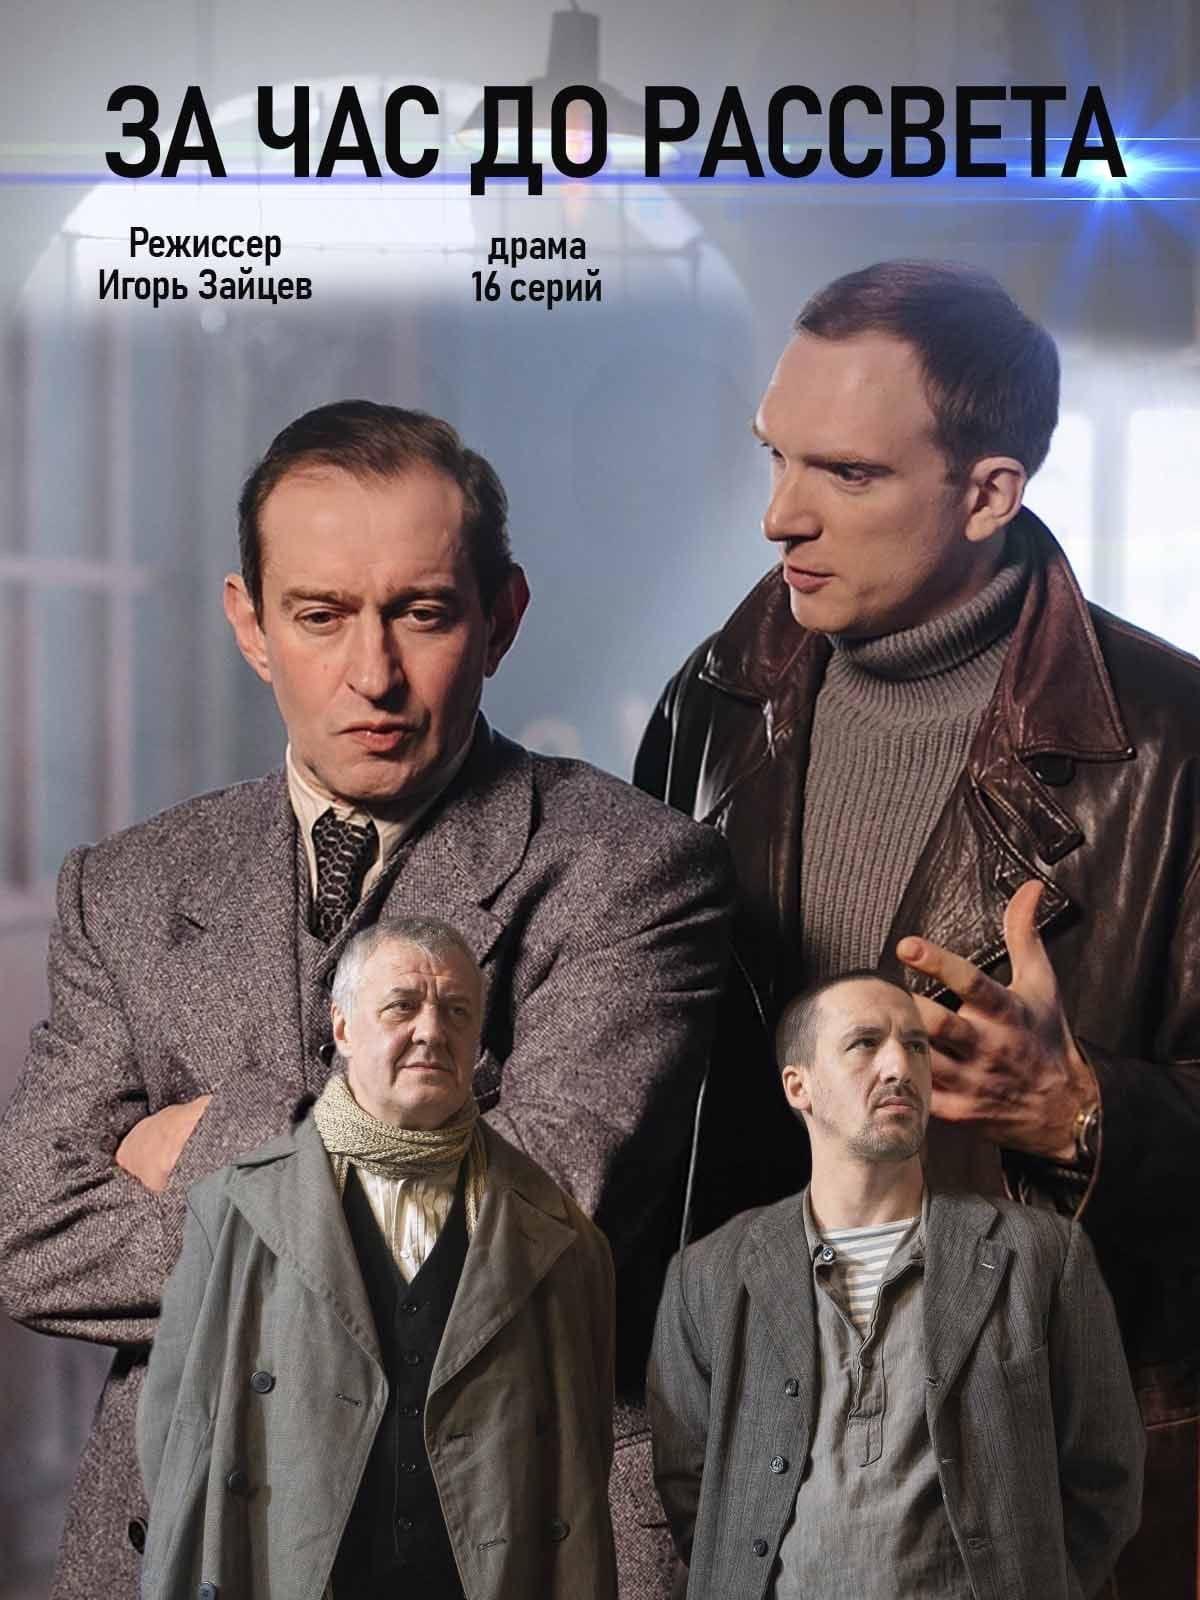 Жители Тверской области могут сняться в кино с Константином Хабенским